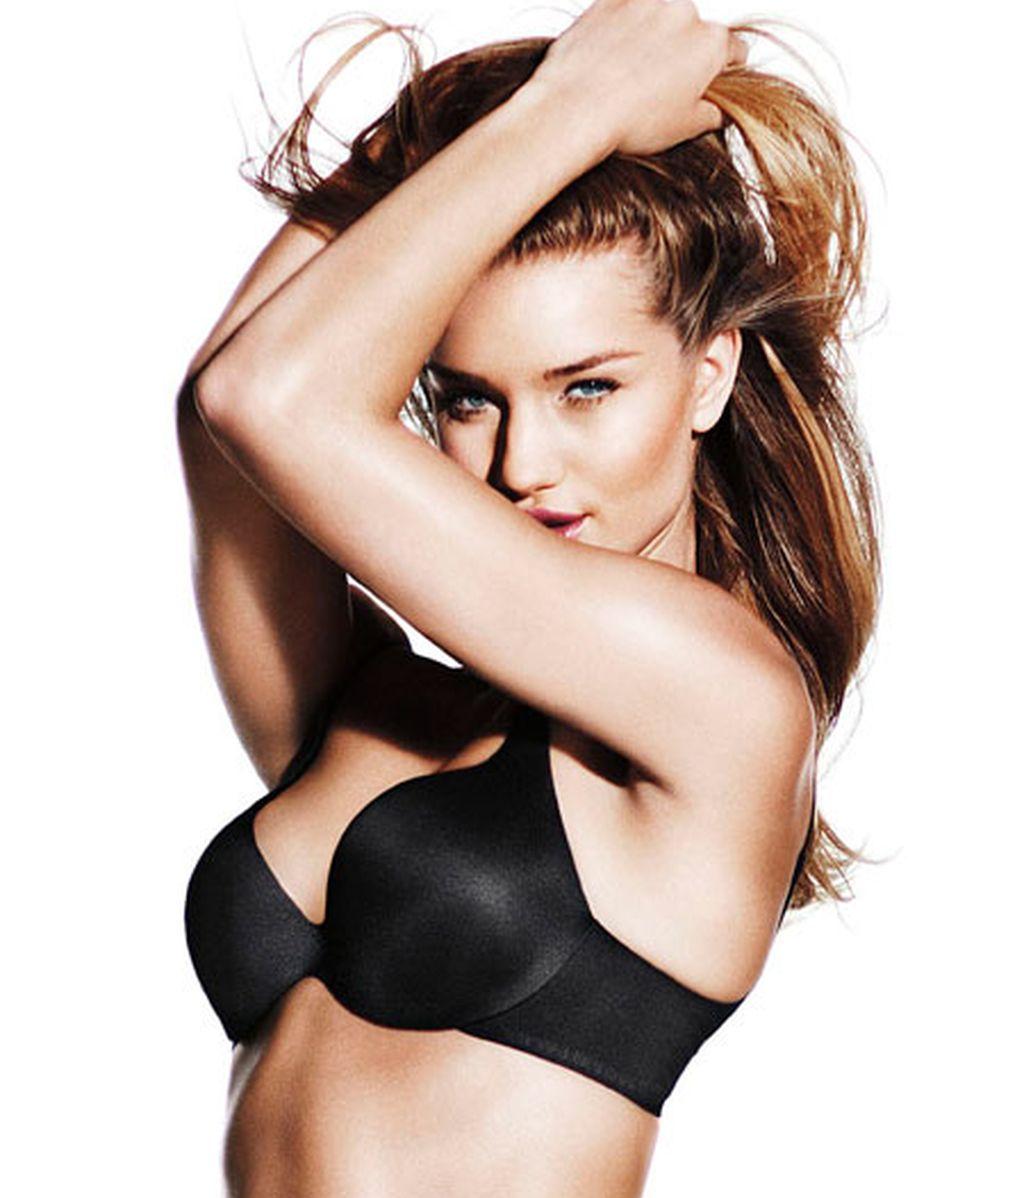 La mujer más sexy del mundo